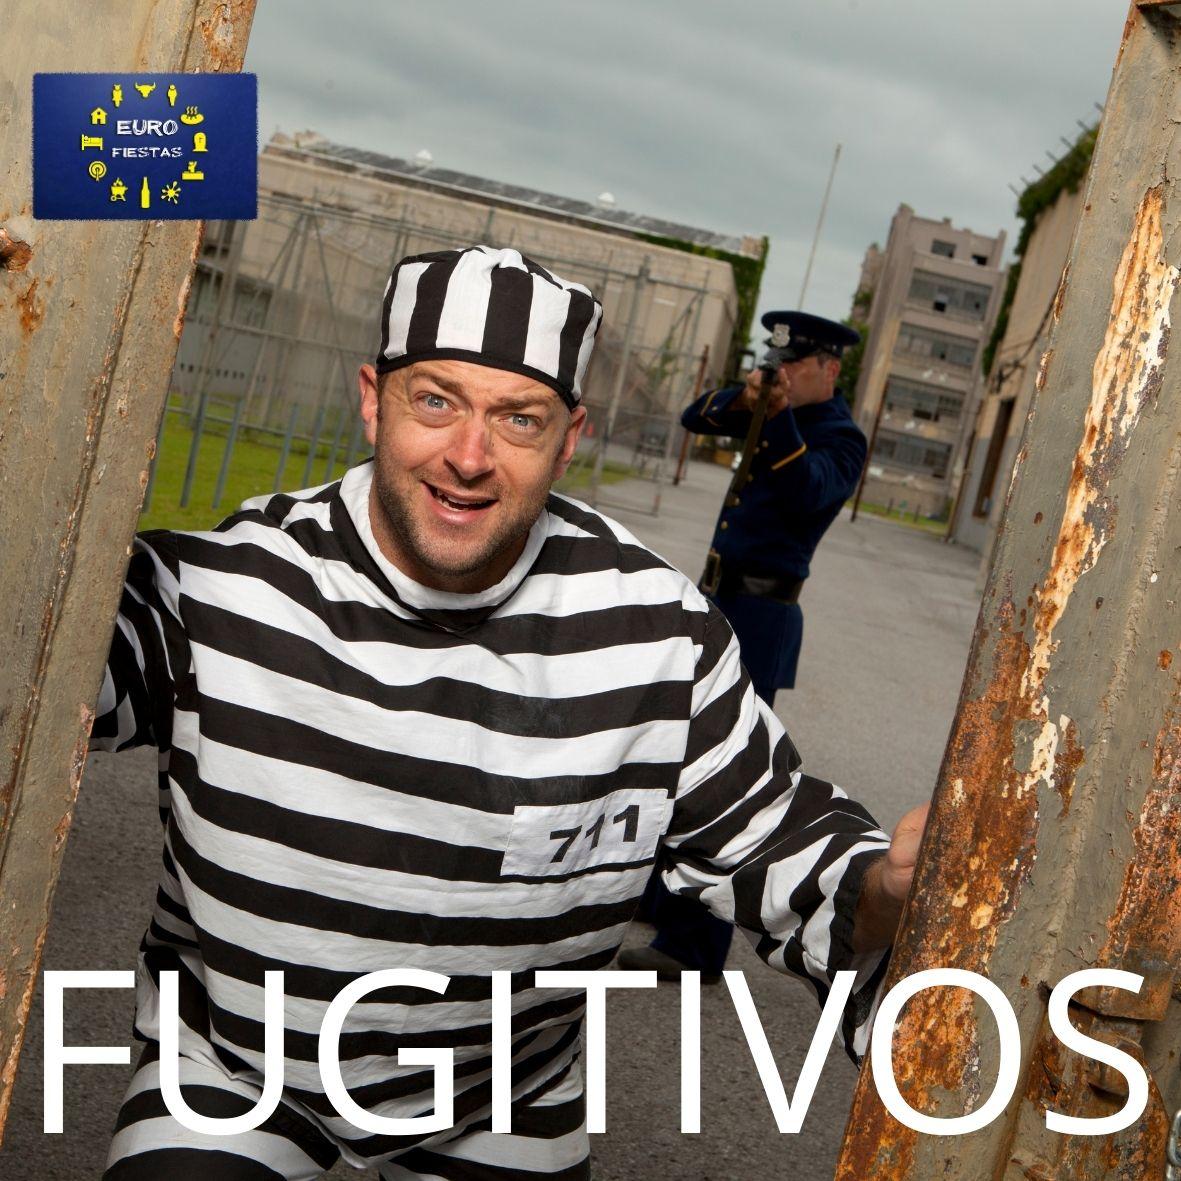 Fugitivos Outdoor Escape Room